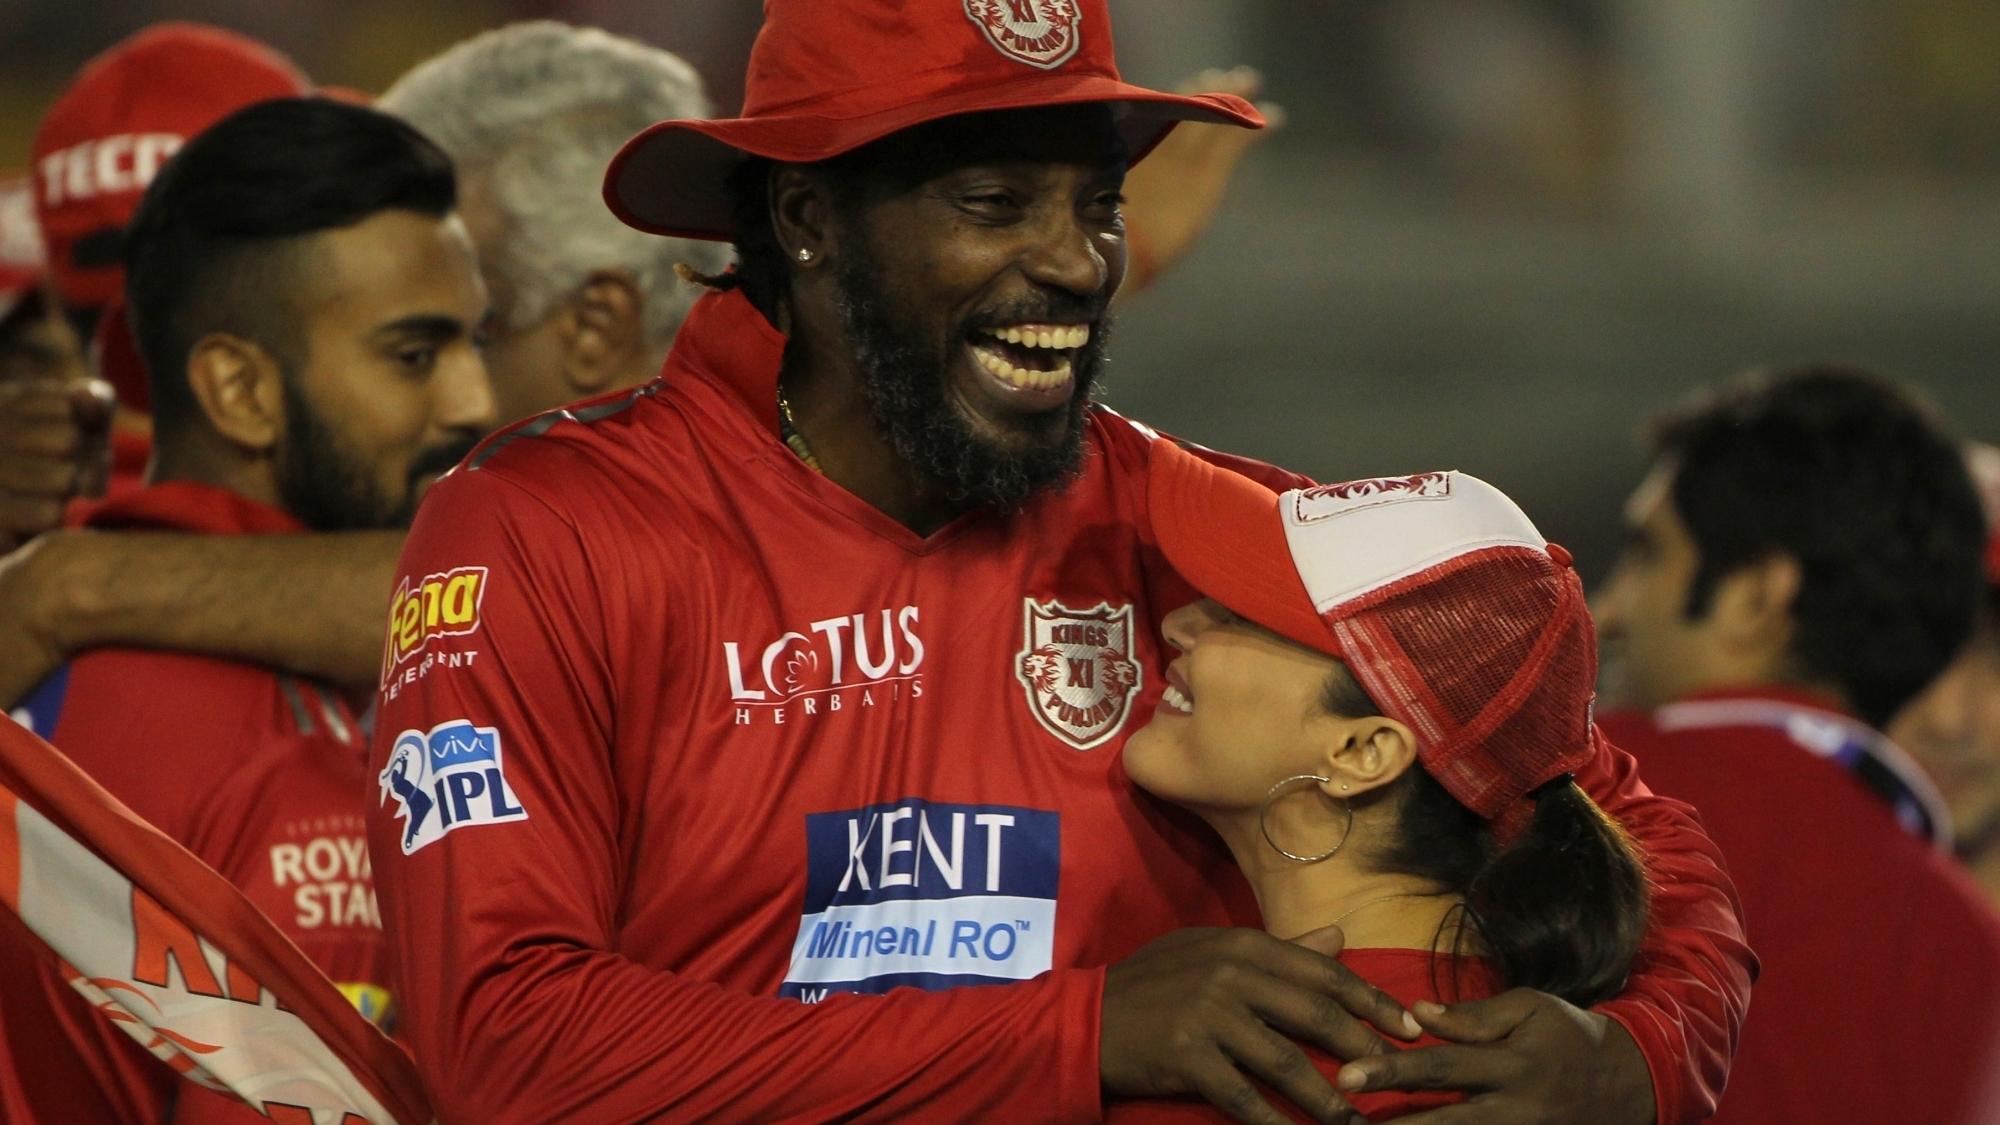 IPL 2018: किंग्स इलेवन पंजाब की चेन्नई सुपरकिंग्स पर रोमांचक जीत